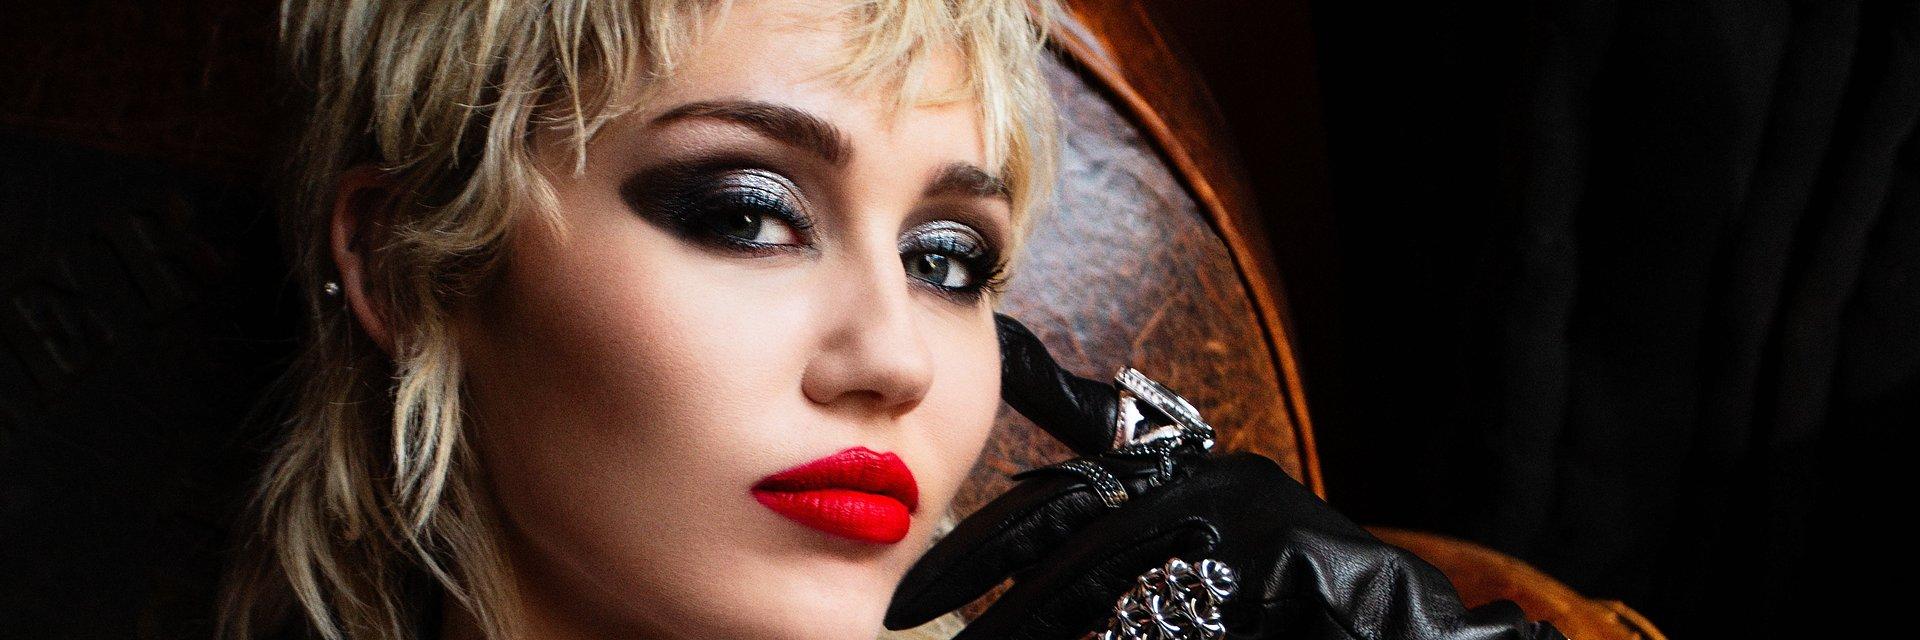 """Nowy album Miley Cyrus """"Plastic Hearts"""" już dostępny!"""